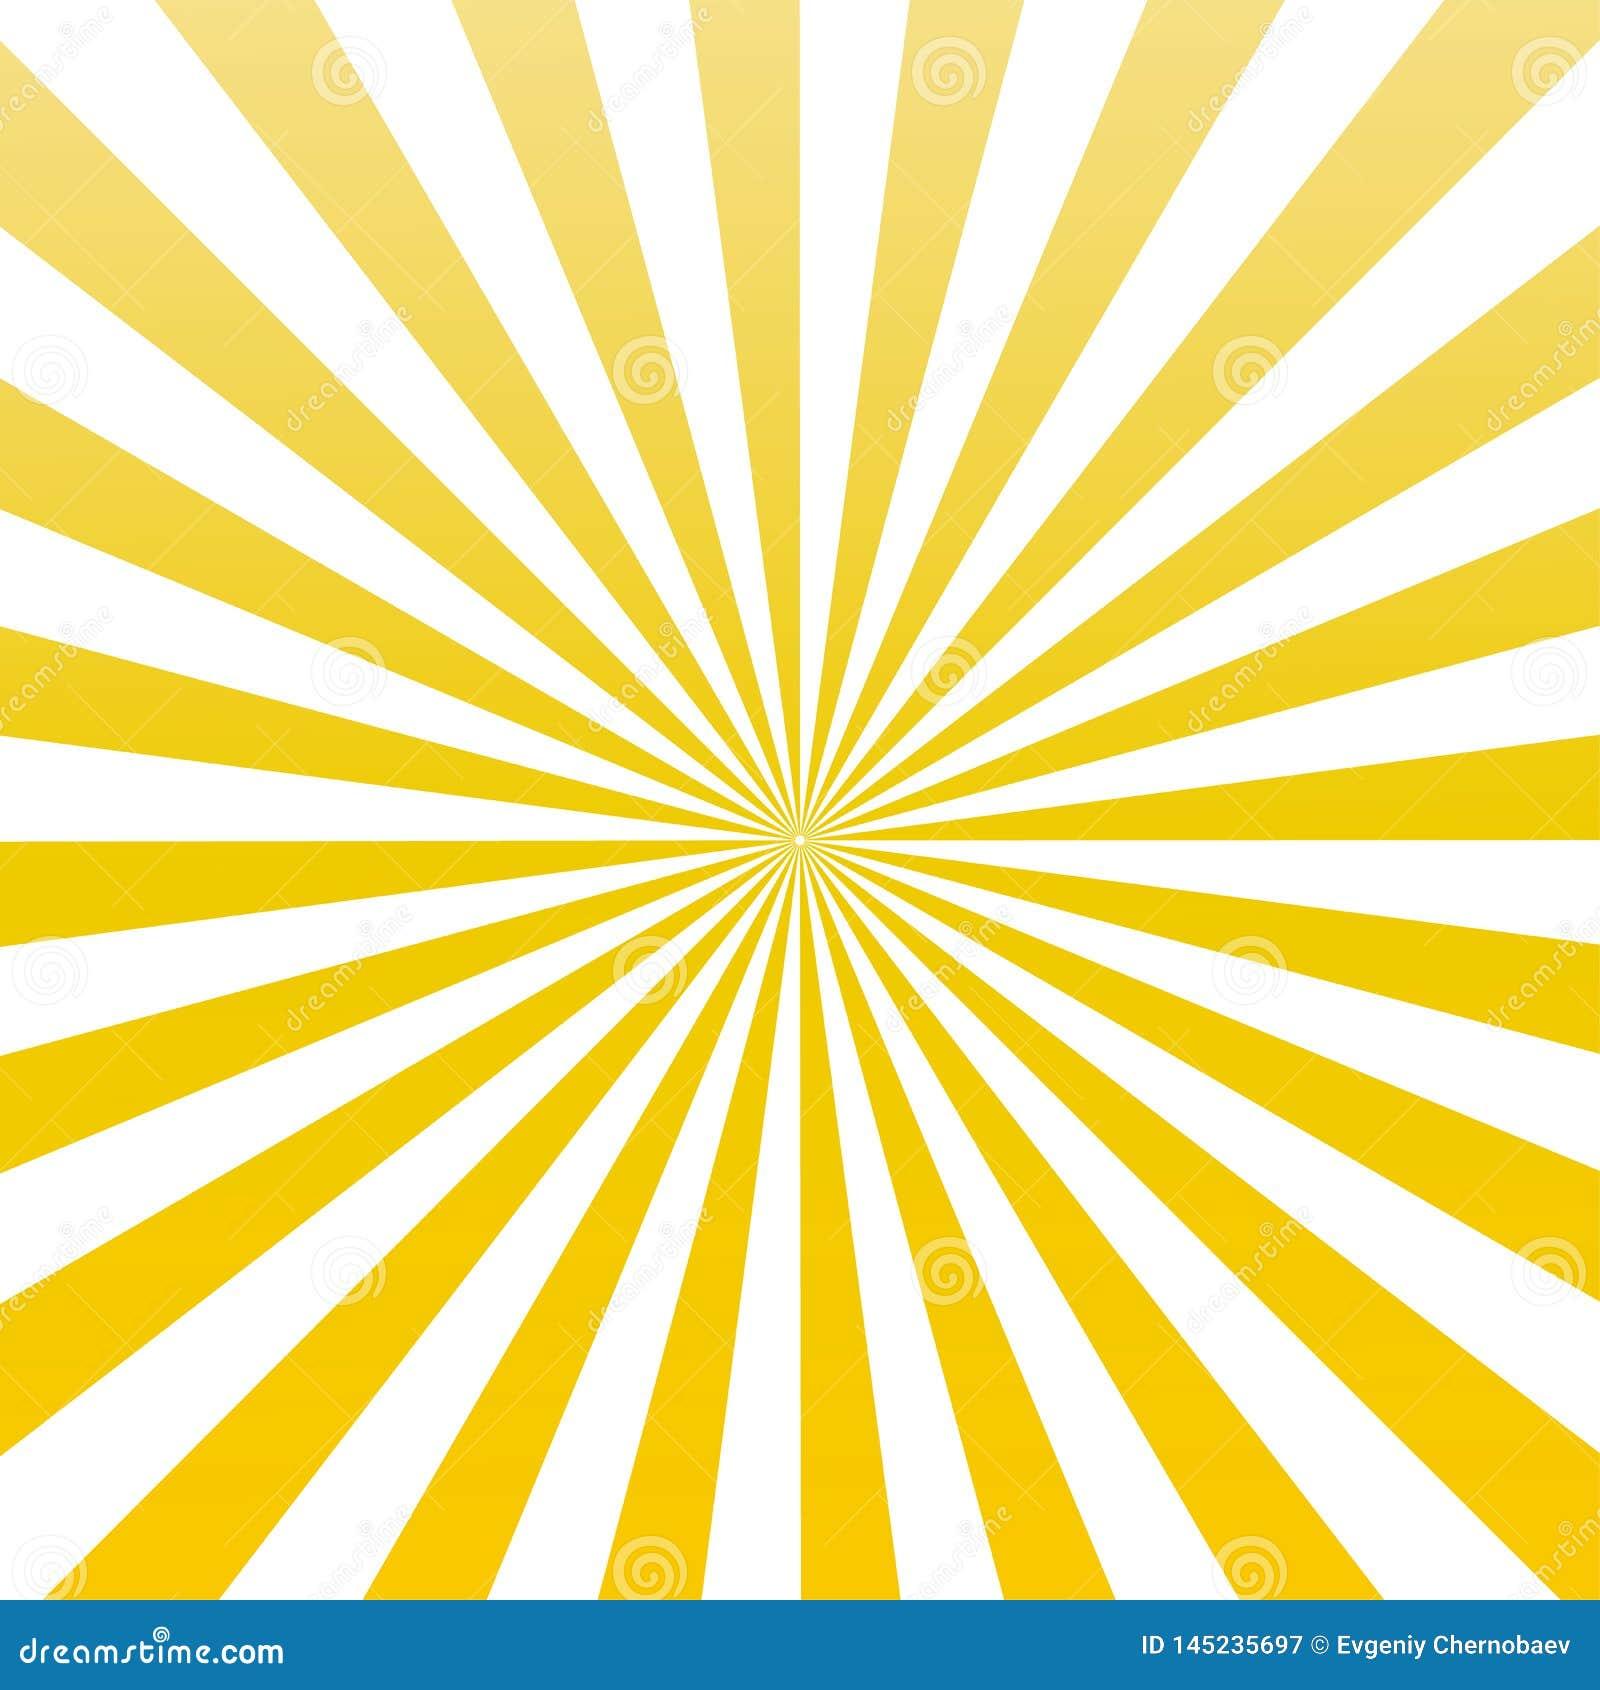 Vecteur jaune eps10 de modèle de rayon de soleil de rayons du soleil de couleur le soleil jaune rayonne le fond de rayon de sole